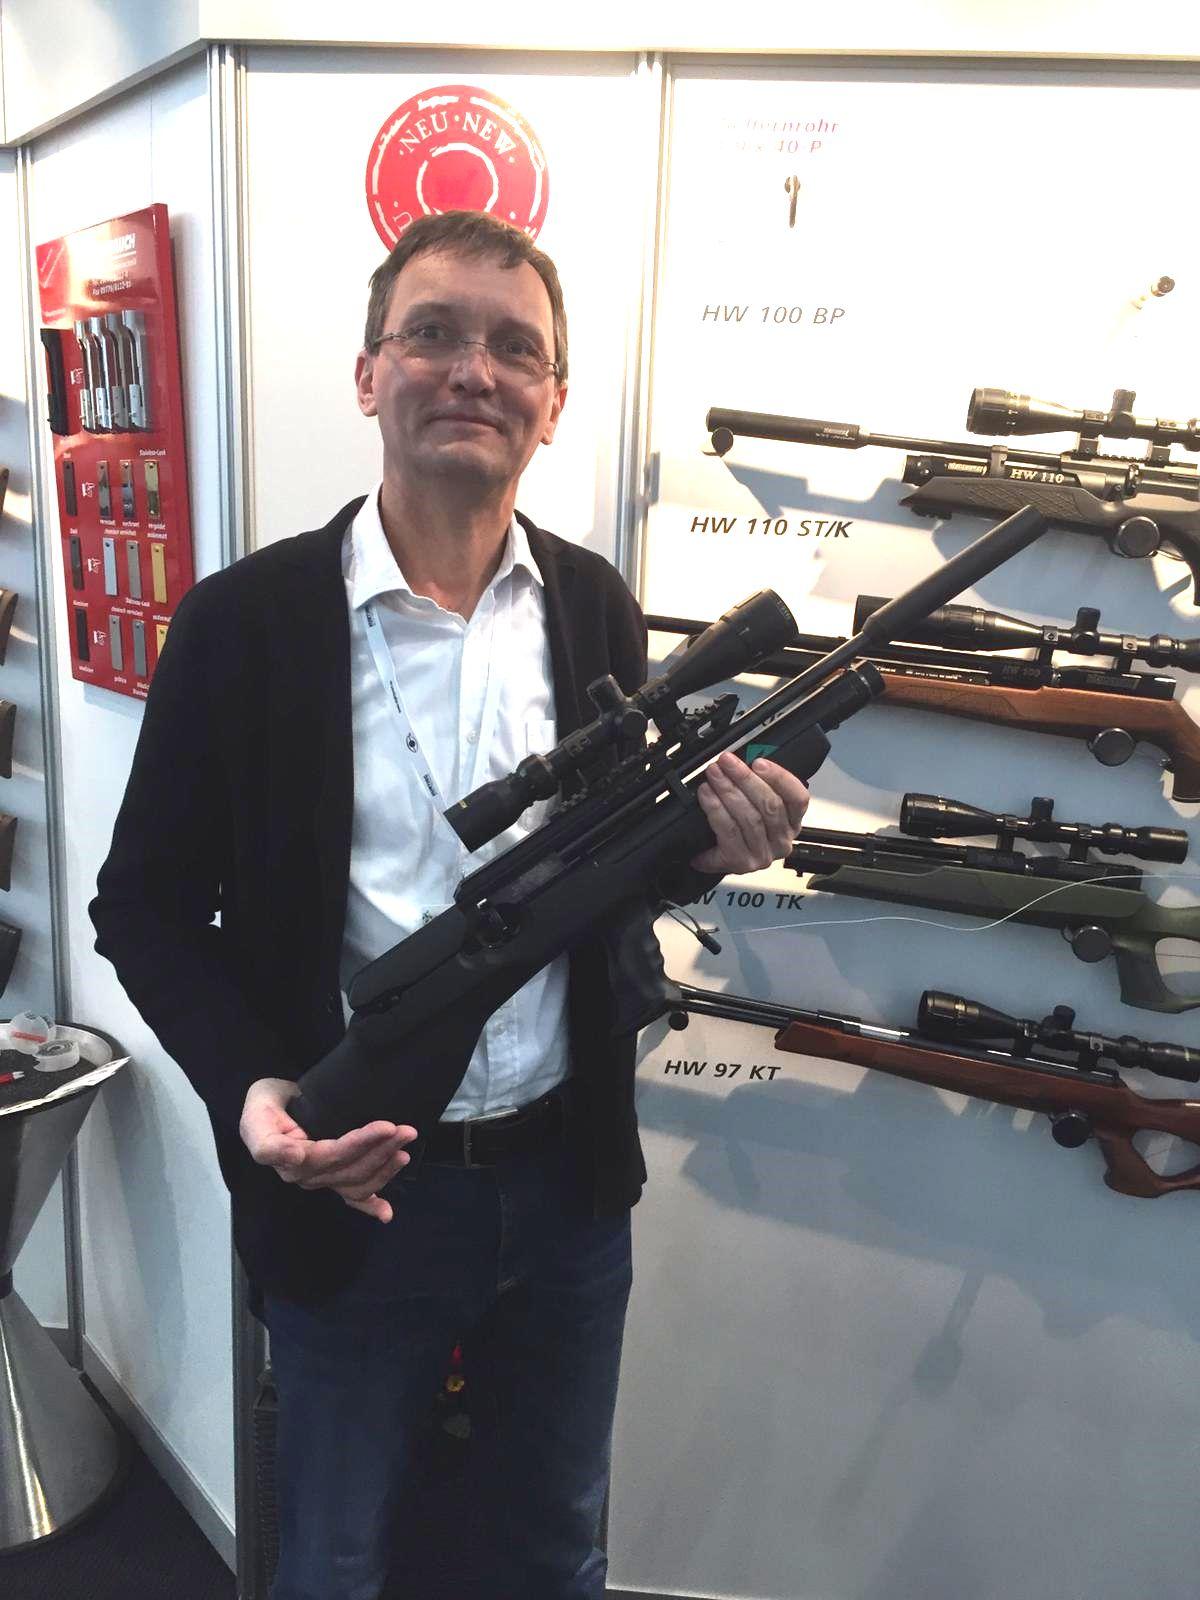 Das neue Weihrauch Modell HW 100 Bullpup hatte ich auf der Waffenmesse IWA in Nürnberg zum ersten Mal in der Hand. Das begeistert sofort durch die kompakte Bauweise und hervorragenden Balance.